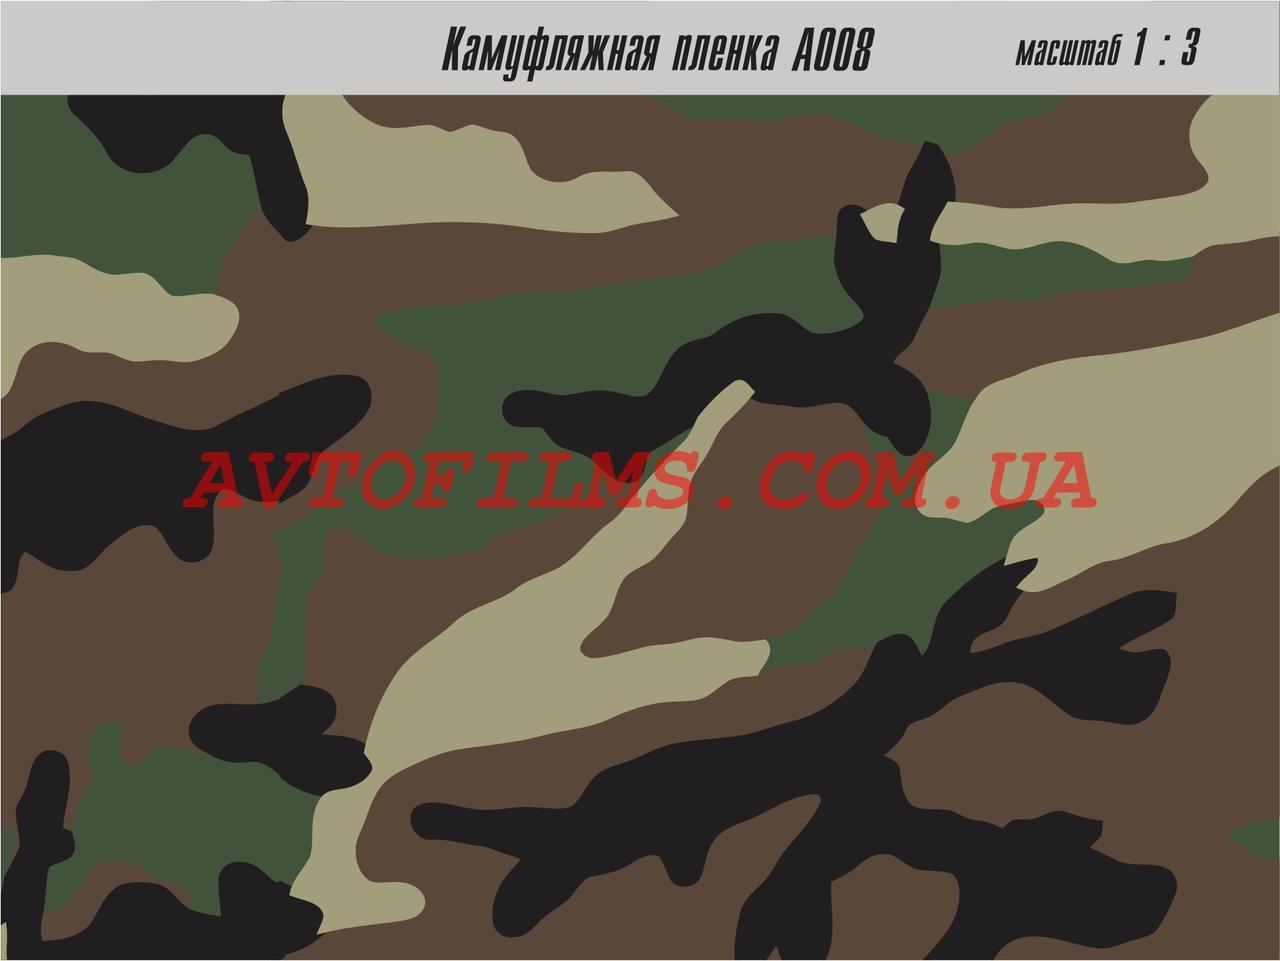 Коричневый военный камуфляж KPMF A008